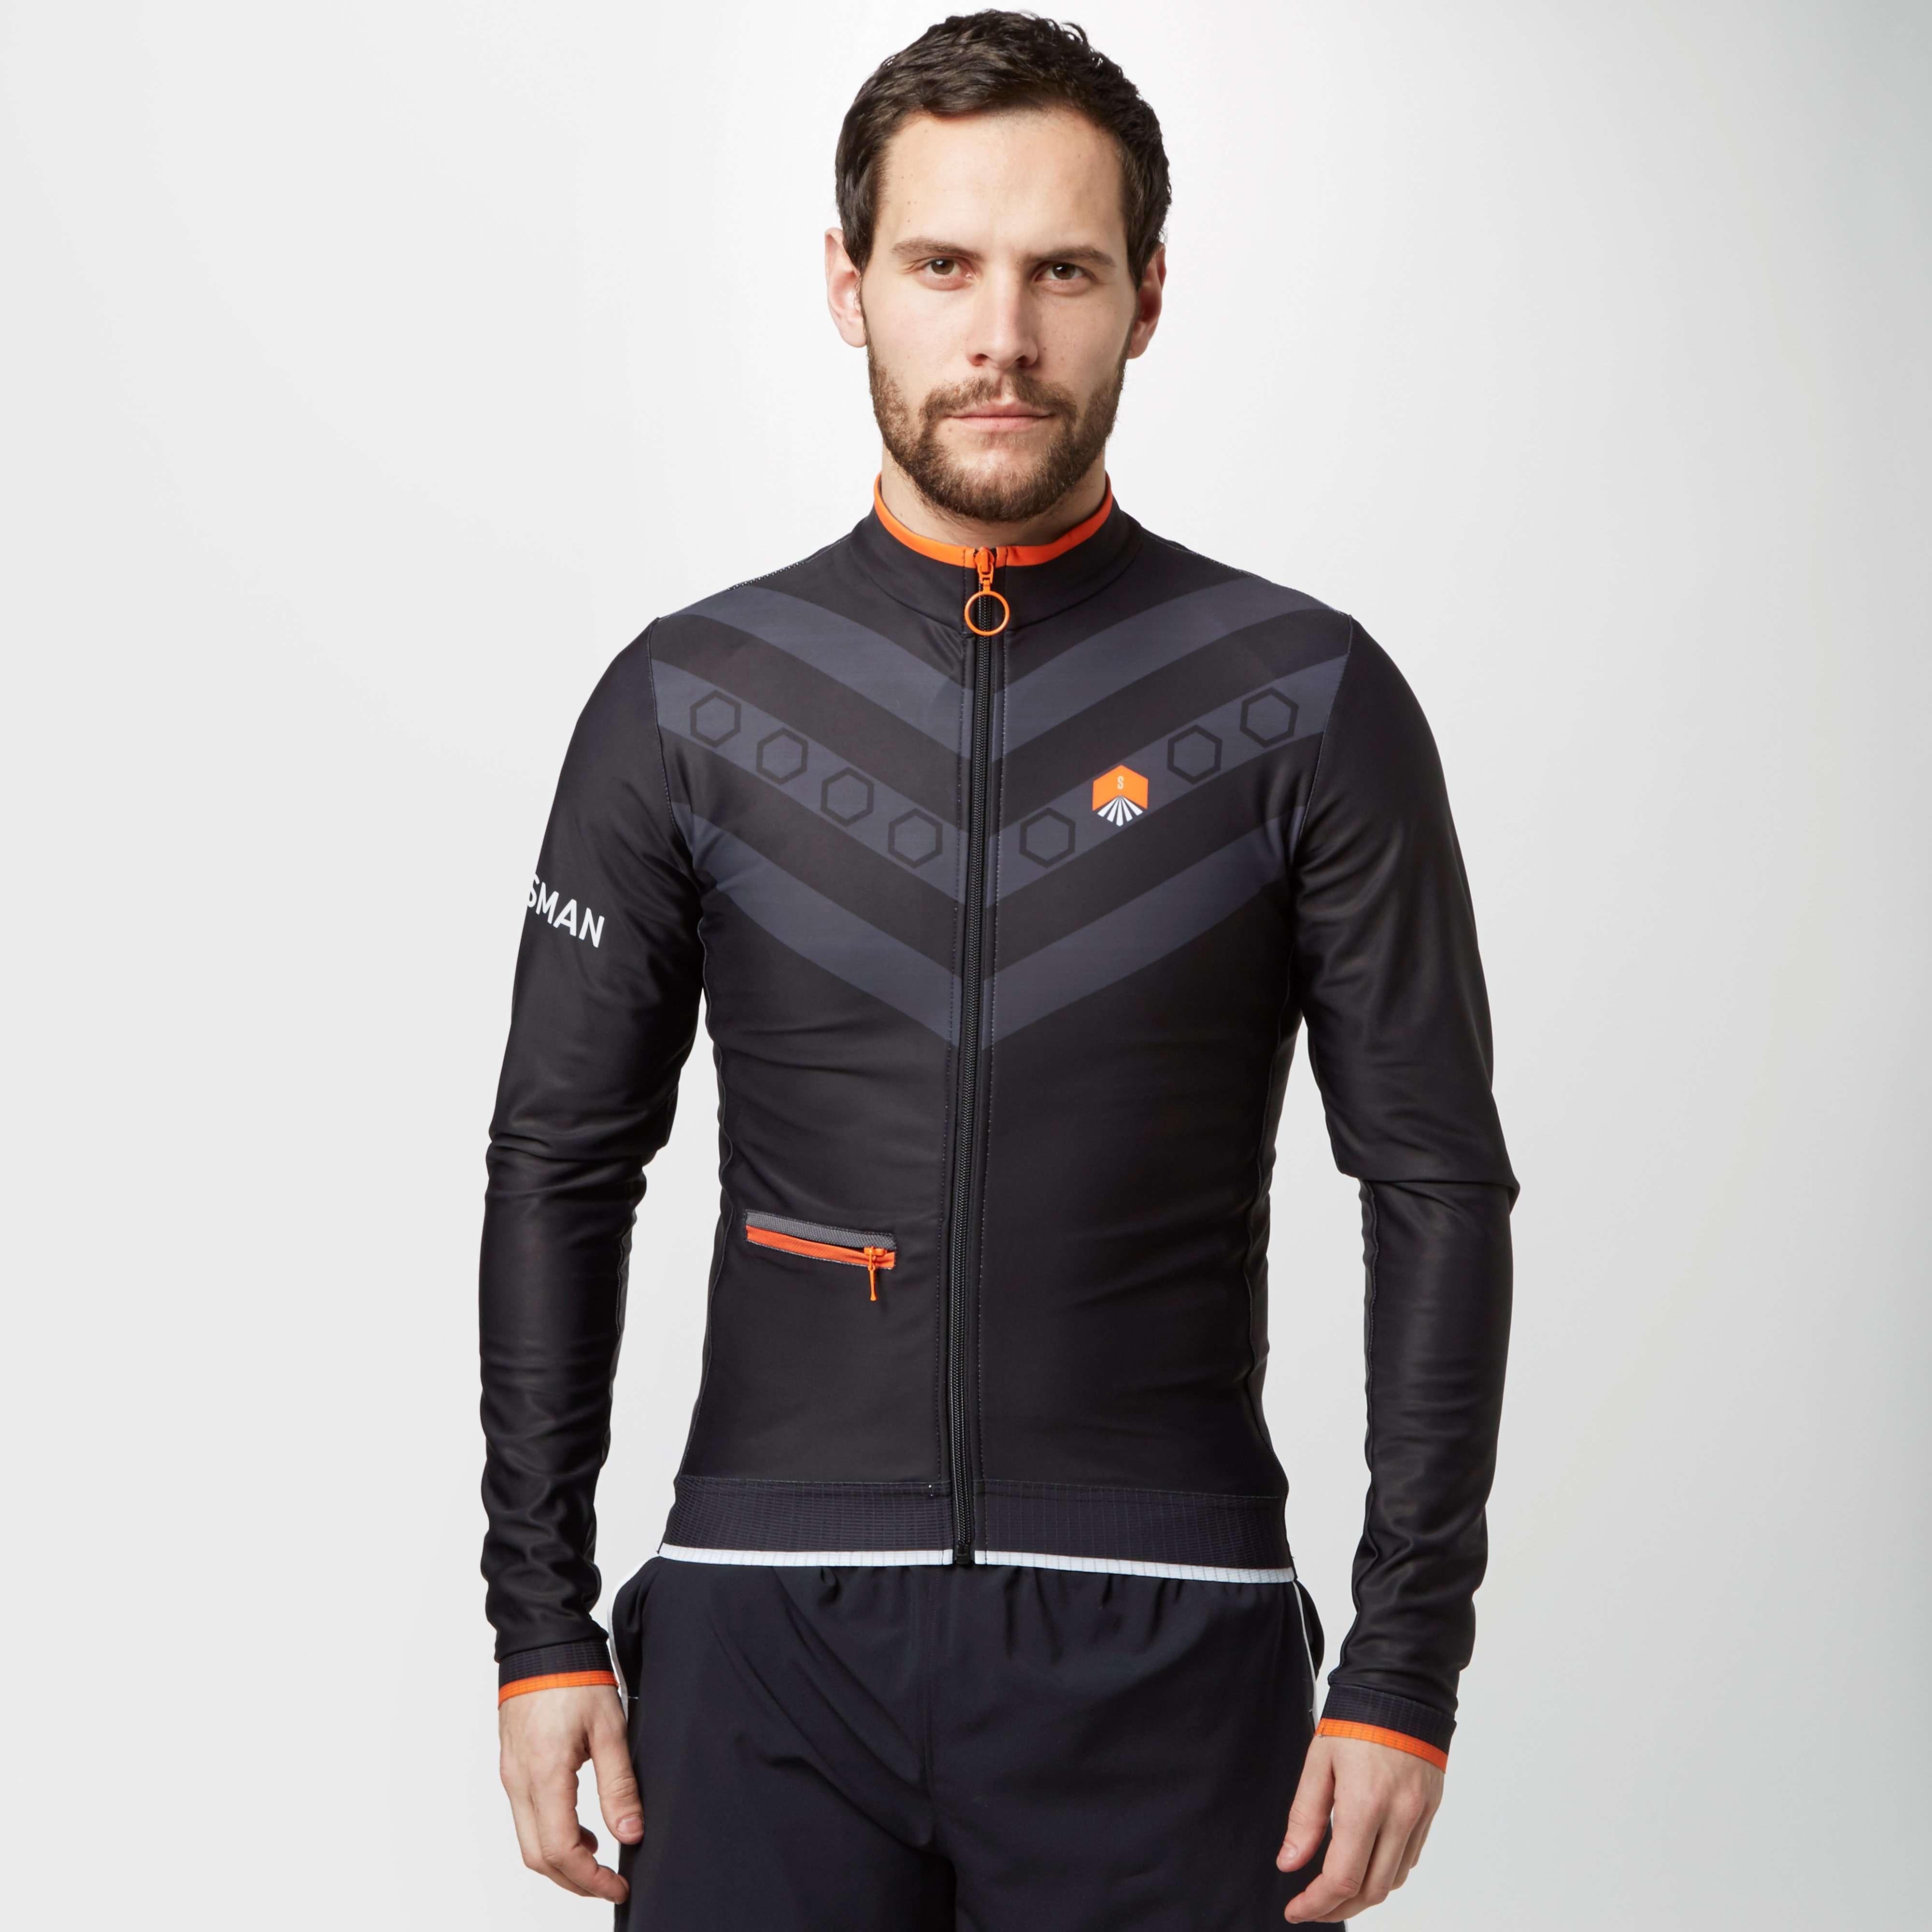 SPOKESMAN Men's Sportif Cycling Jersey